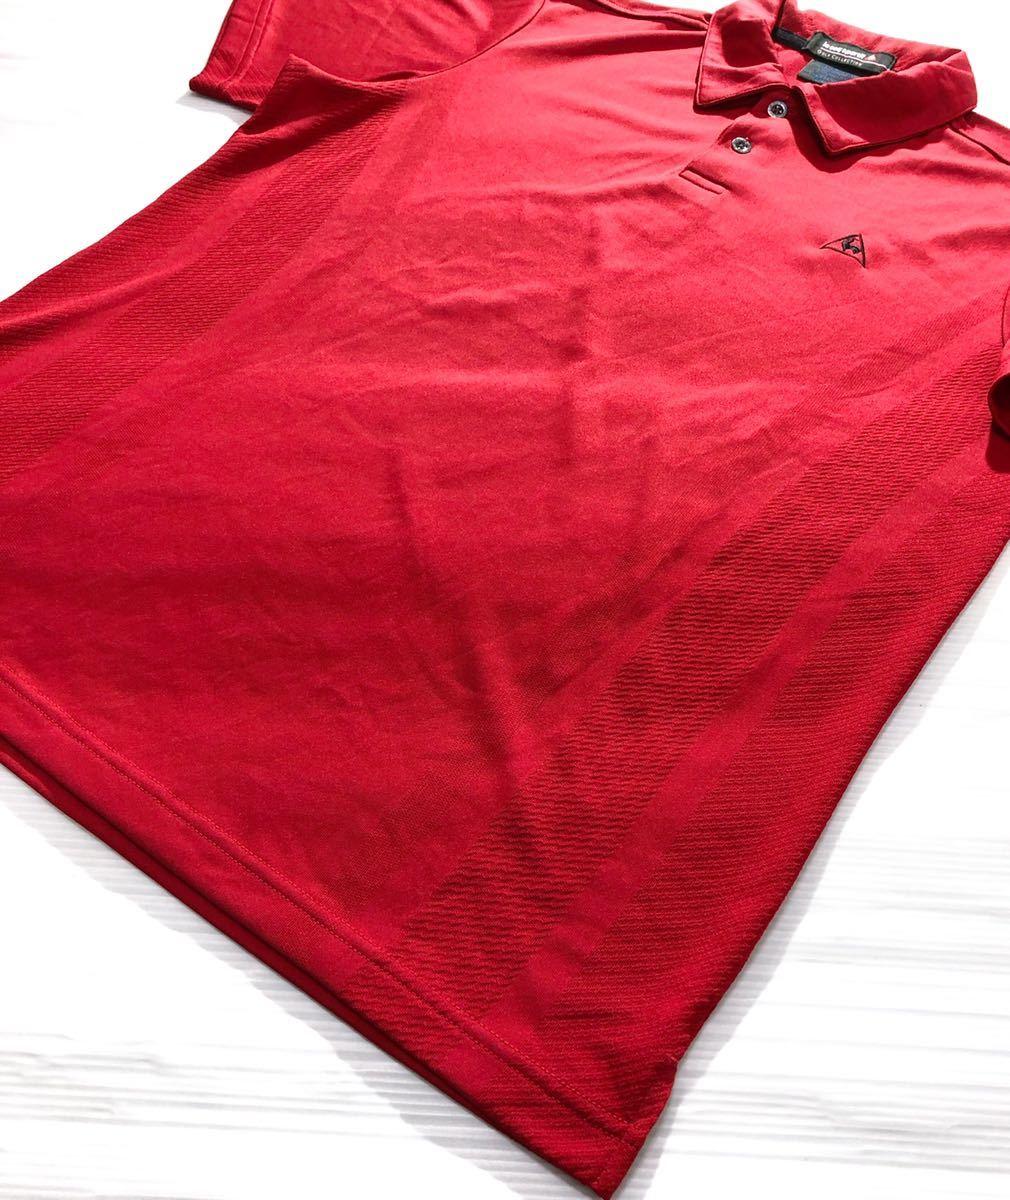 《le coq sportif GOLF ルコックゴルフ》ロゴ刺繍 半袖 ポロシャツ レッド_画像3